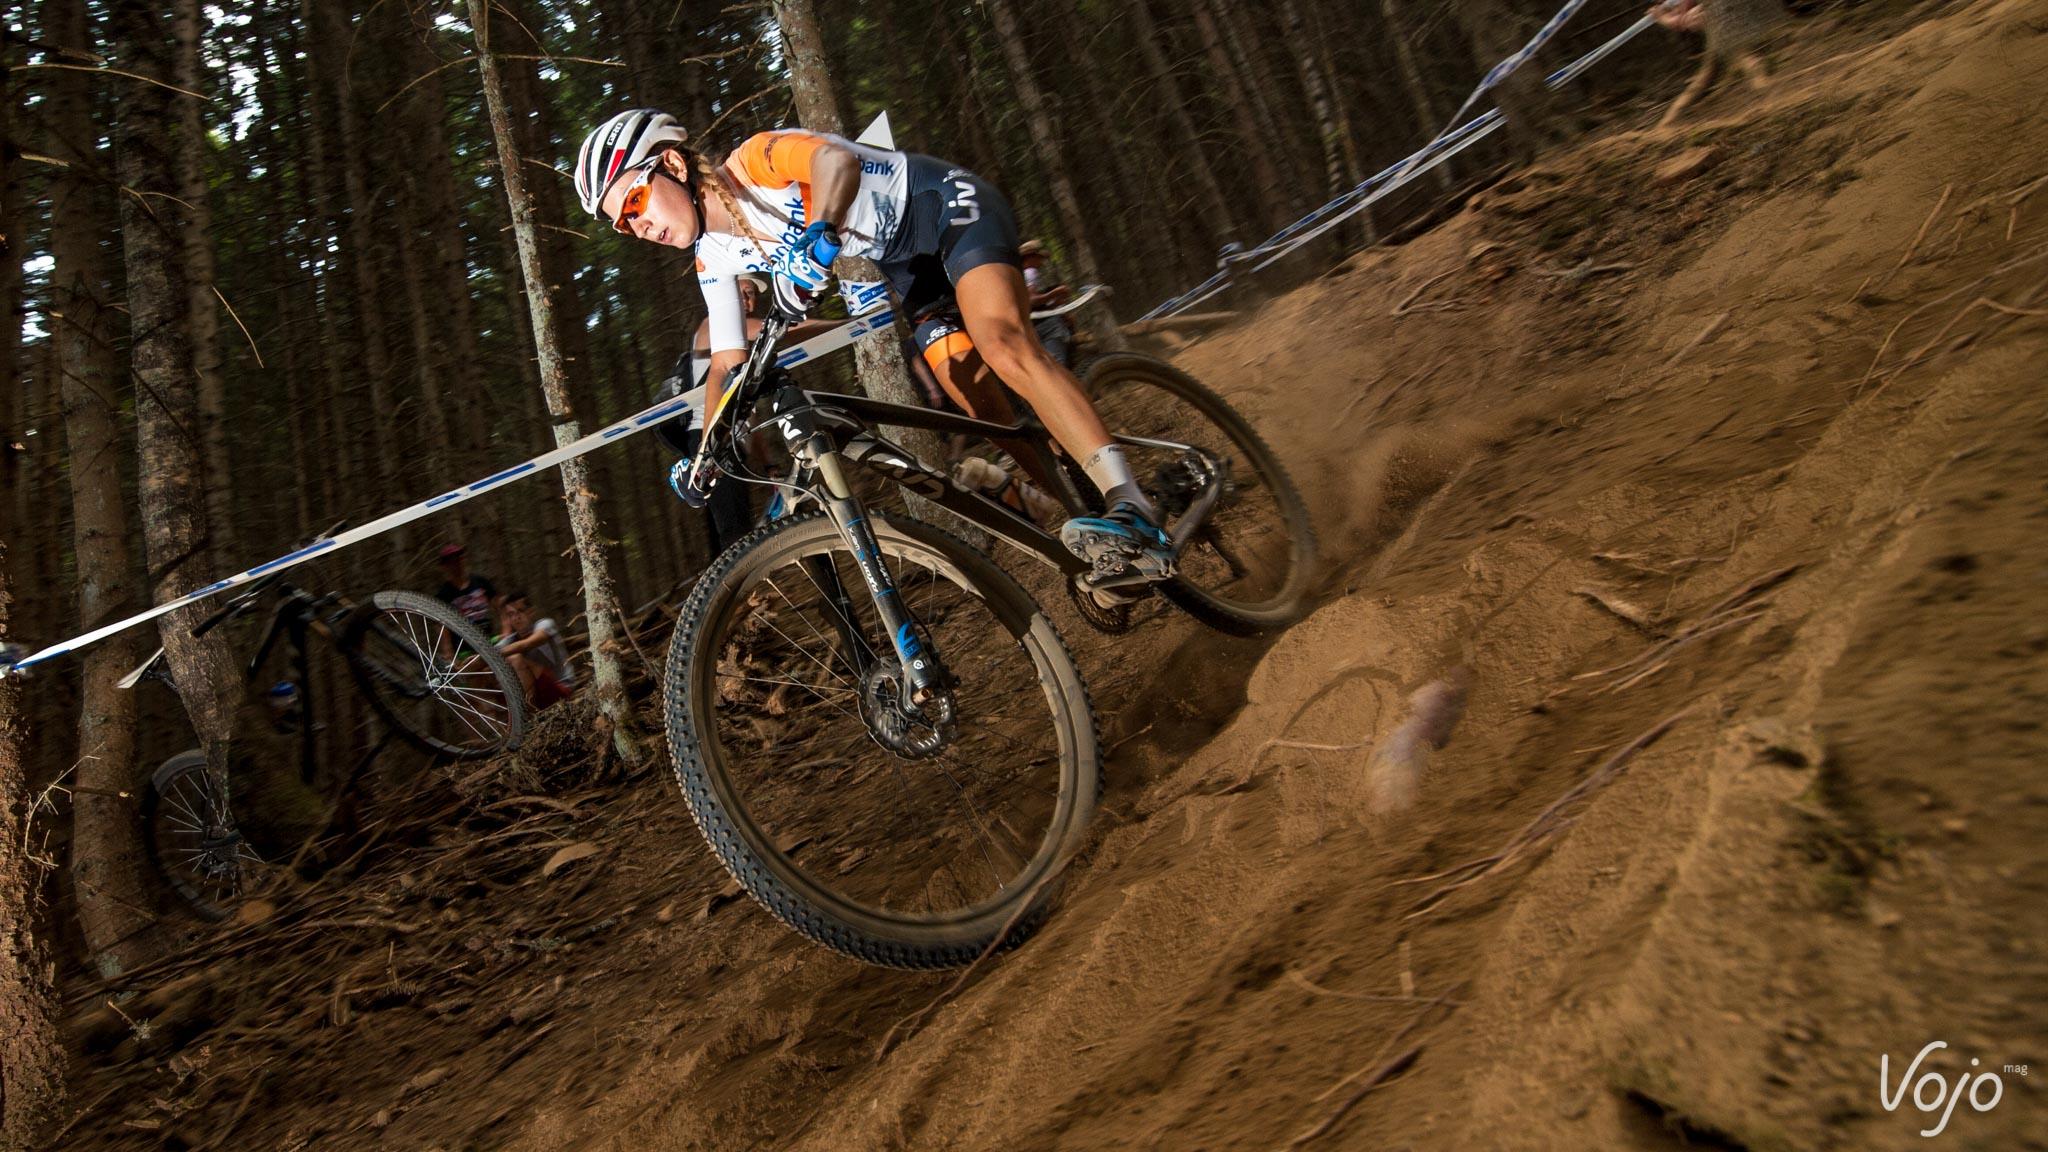 Championnats-de-france-2015-Oz-XC-resulats-3